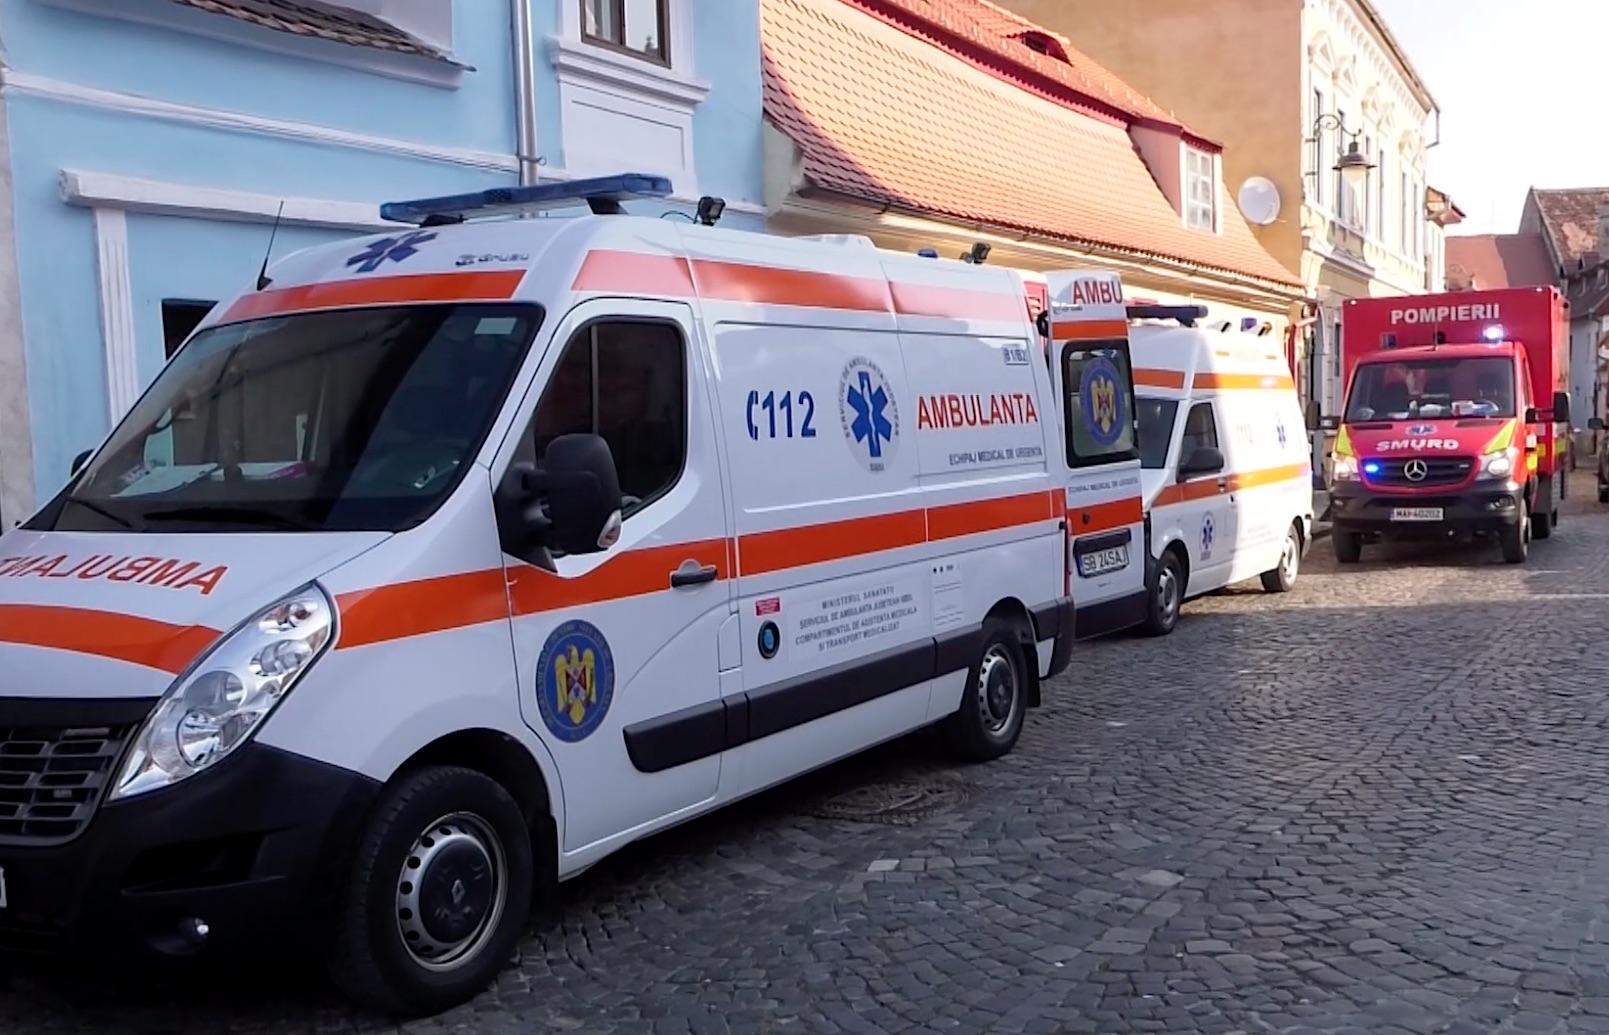 """Ce fac autoritățile în cazul căminului ilegal de vârstnici din centrul Sibiului? Prefect: """"Haideți să nu-i mai zicem așa"""""""